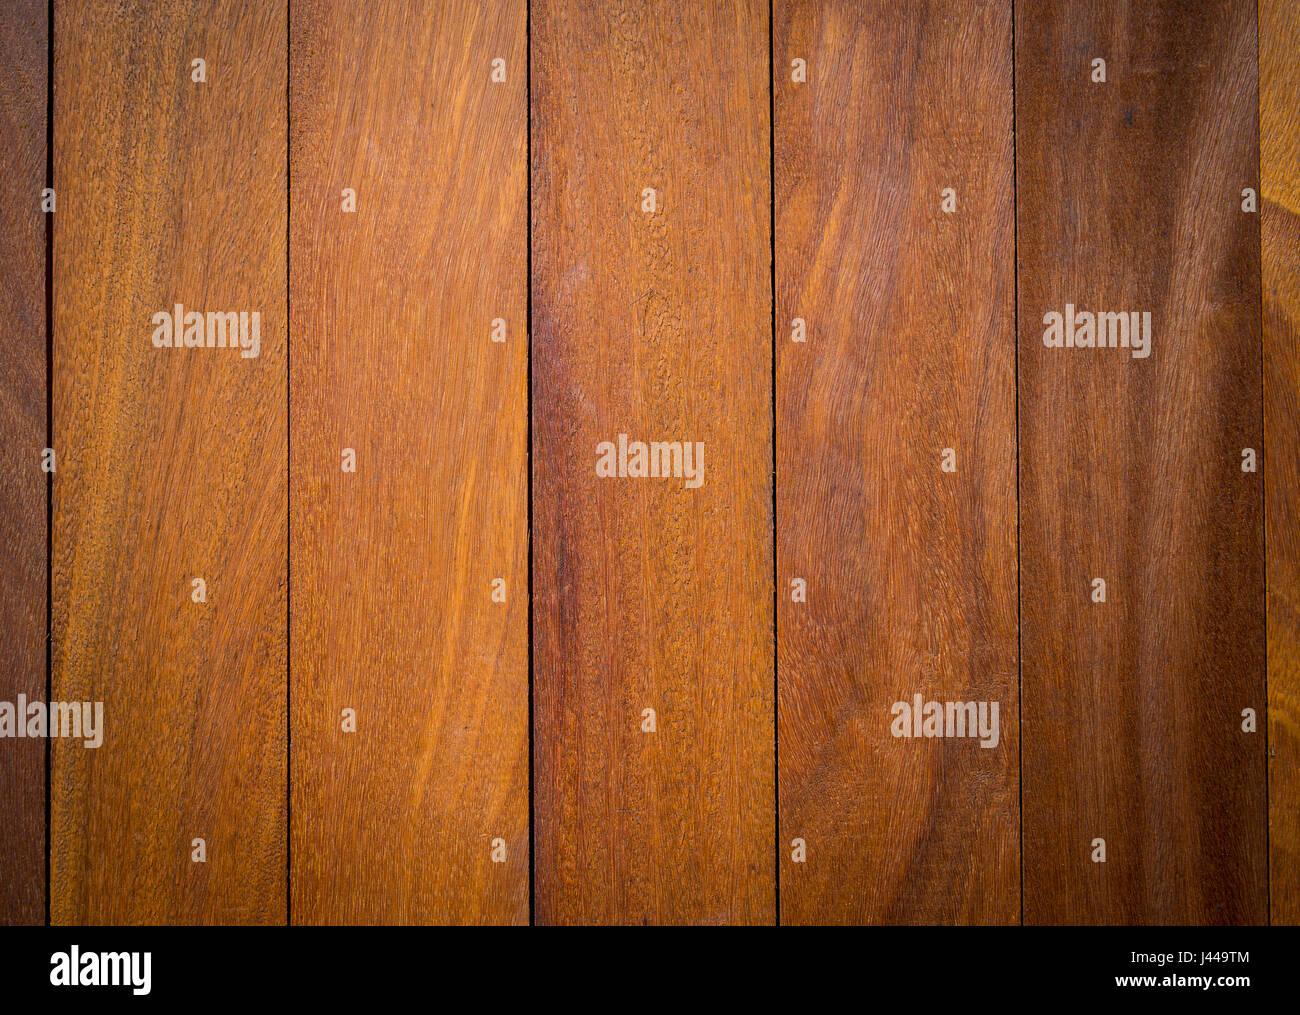 Holzplatte Hintergrund in glatten braunen Korn Stockbild